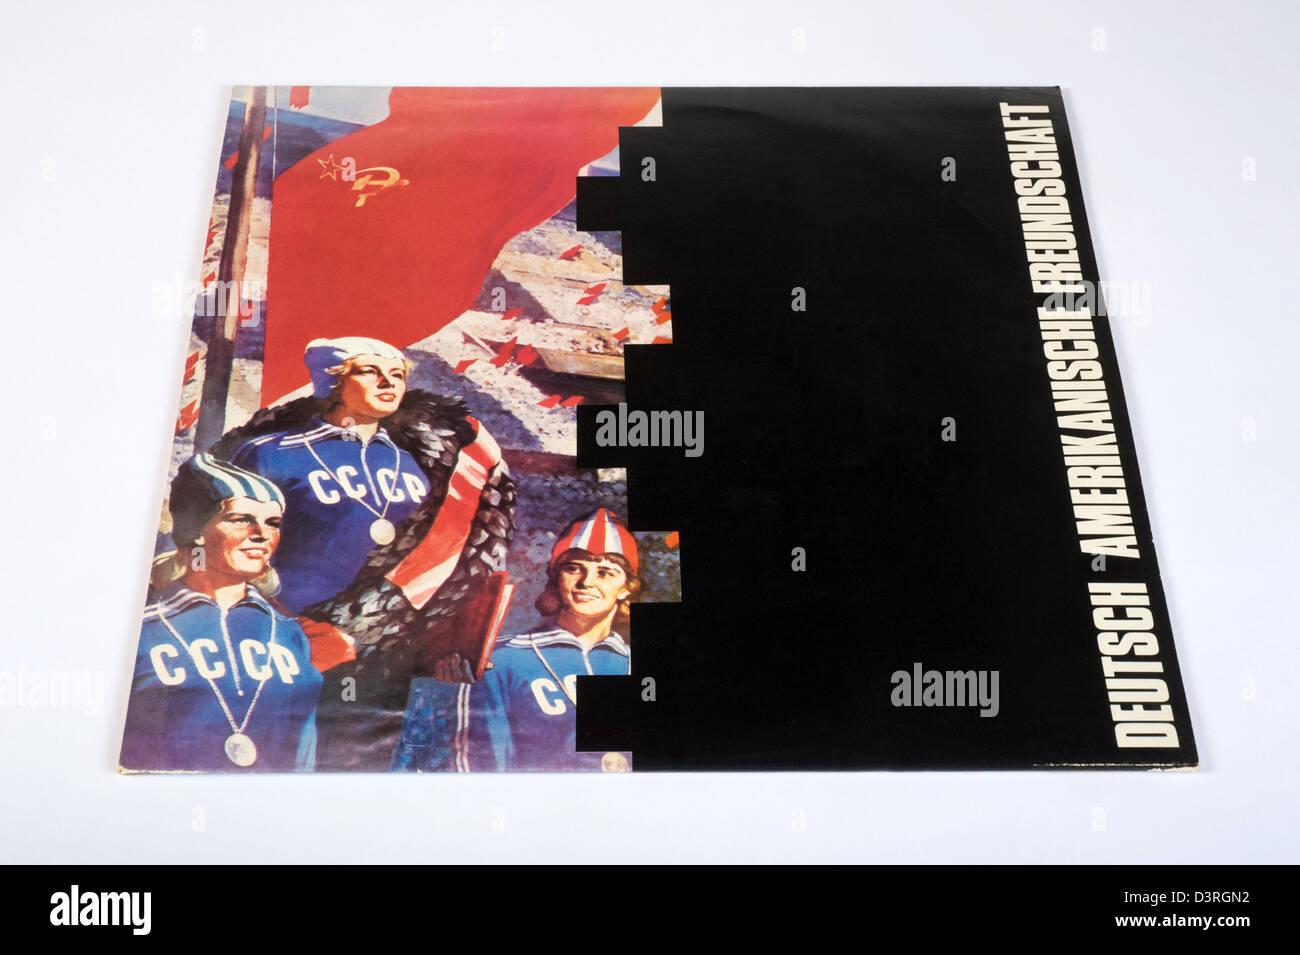 1980 Die Kleinen Und Die Bosen by Deutsch Amerikanische Freundschaft (German American Friendship) or D.A.F. - Stock Image